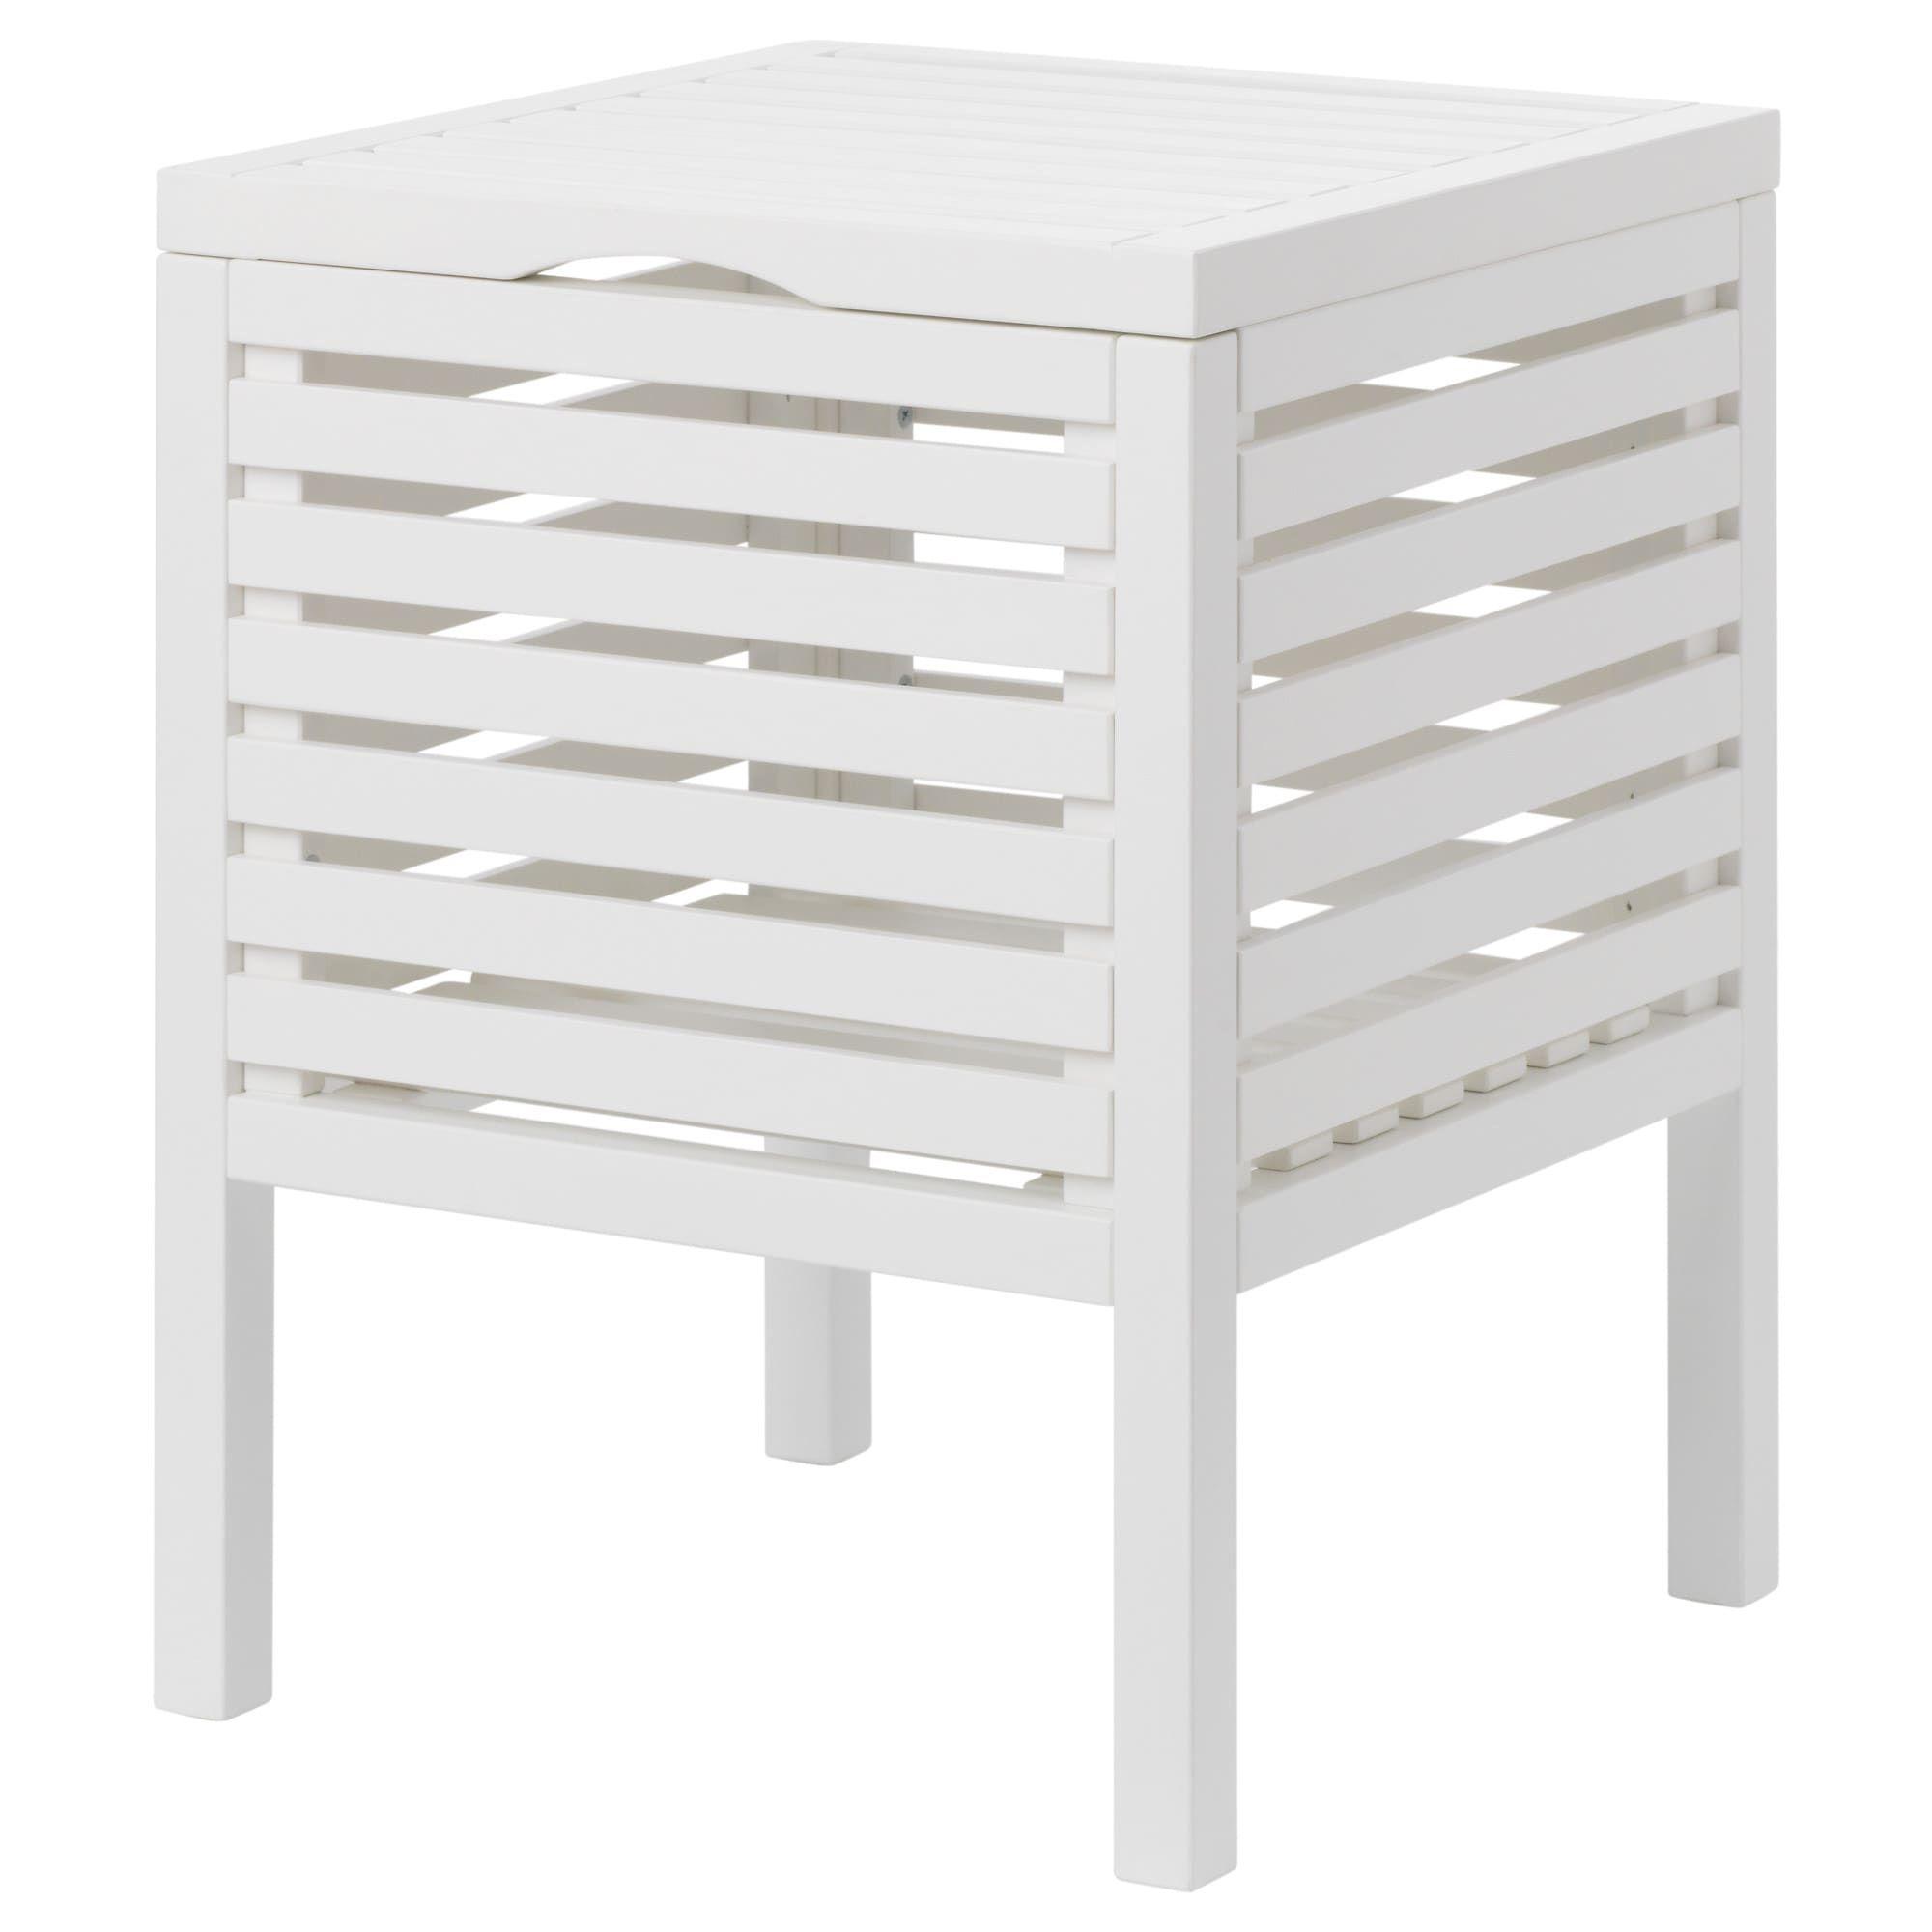 Bagno MUSKAN Sgabello Con Contenitore IKEA 0503380